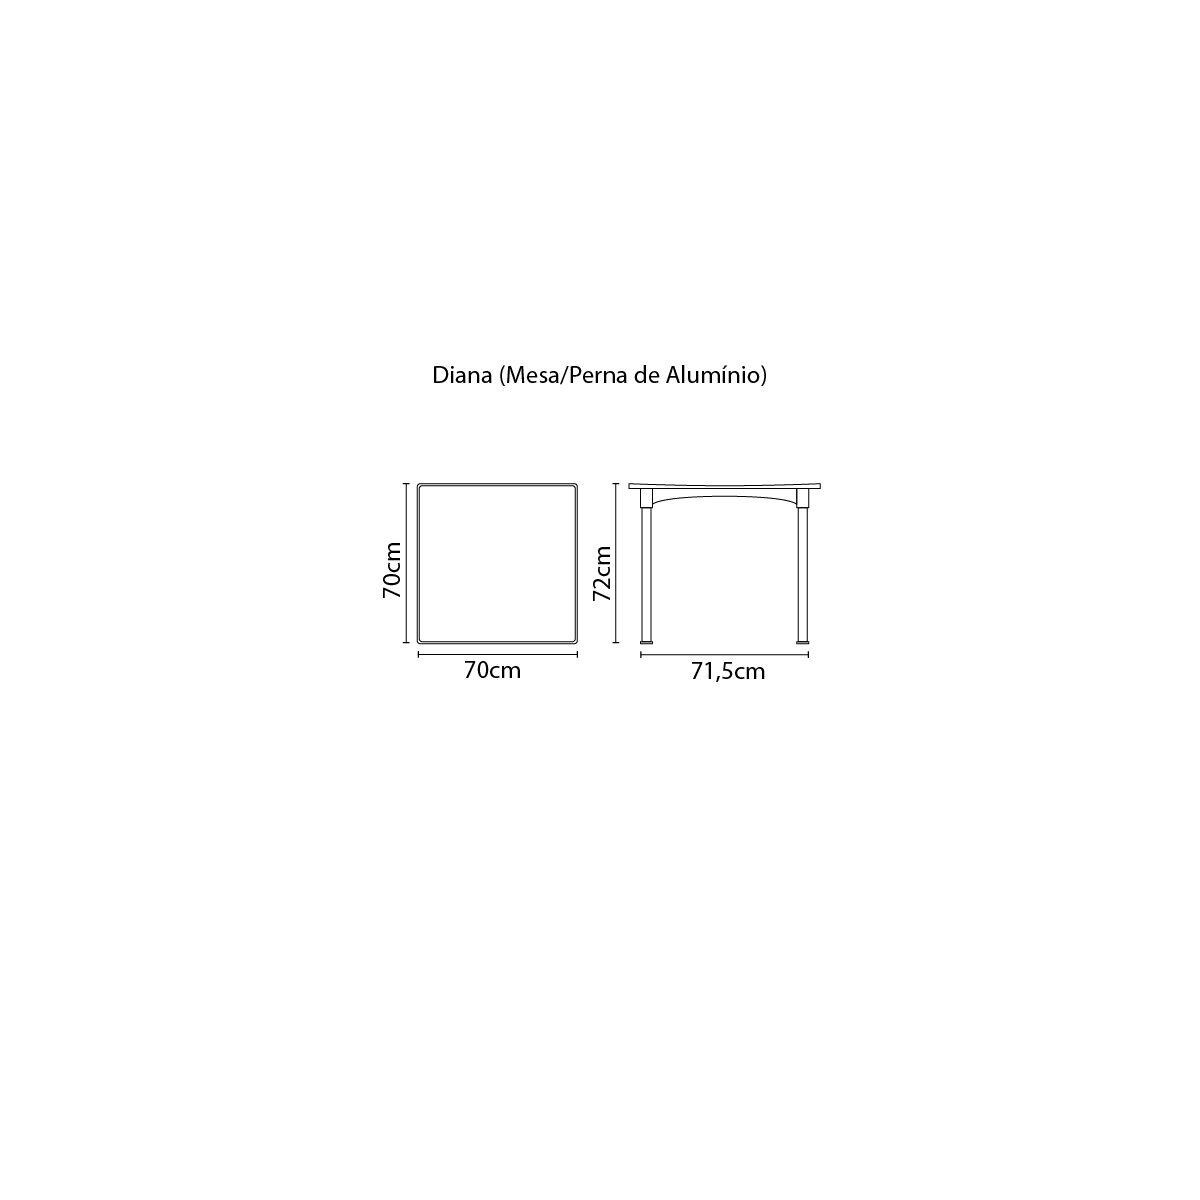 Mesa Tramontina Diana 70 cm em Polipropileno Marrom com Pernas de Alumínio Anodizado